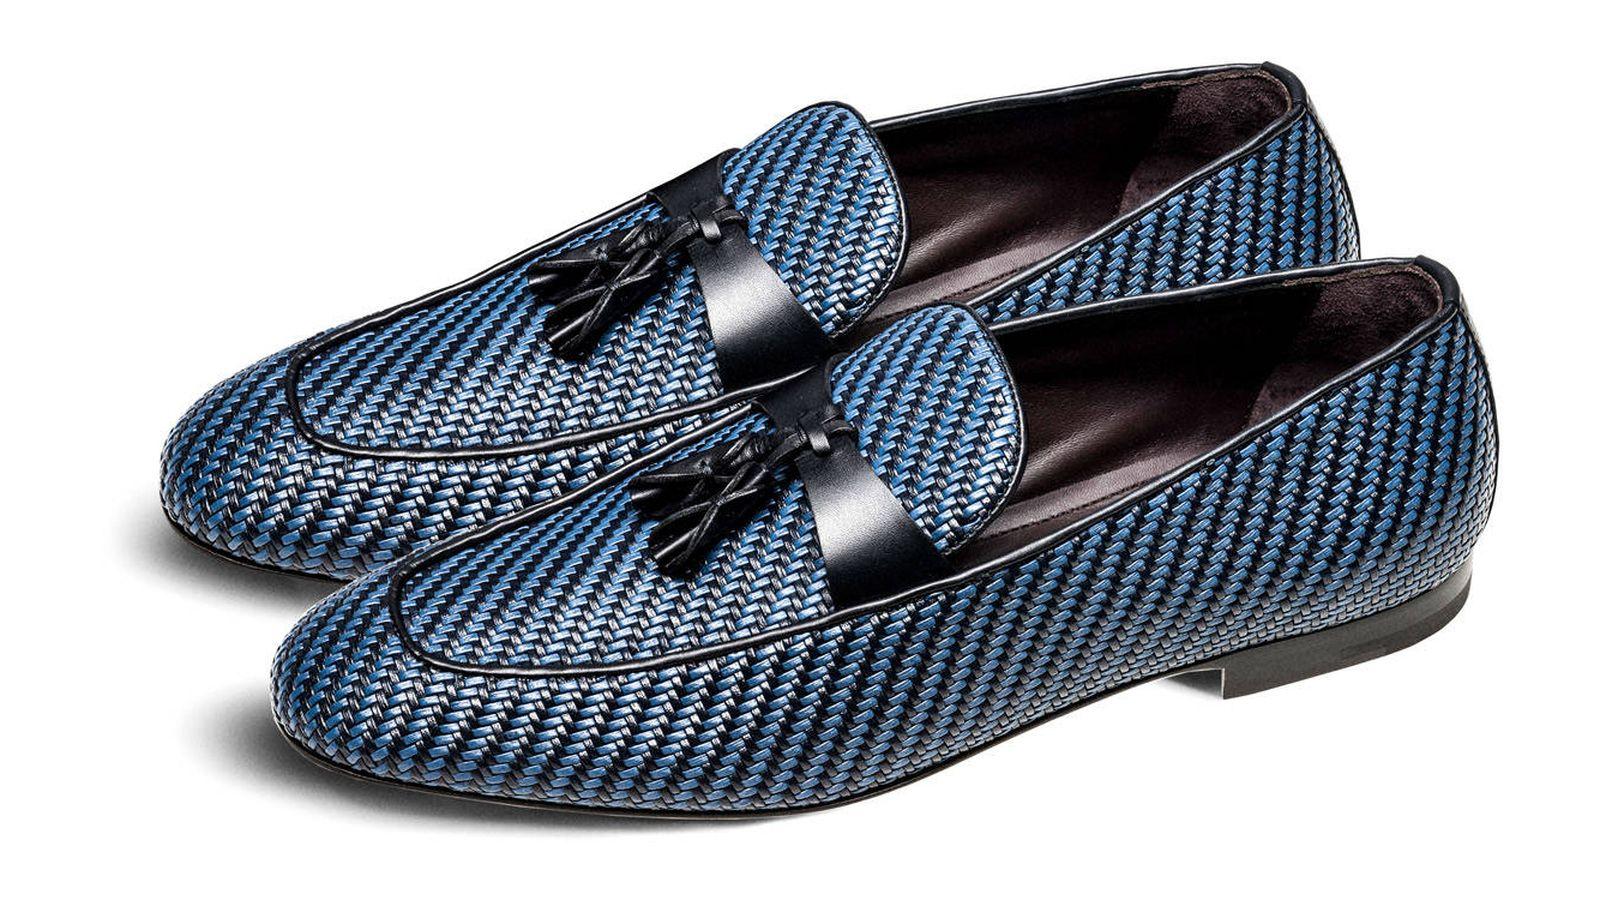 dba310f7 Moda hombre: Siete zapatos para un gentleman: de Crockett & Jones a Louis  Vuitton